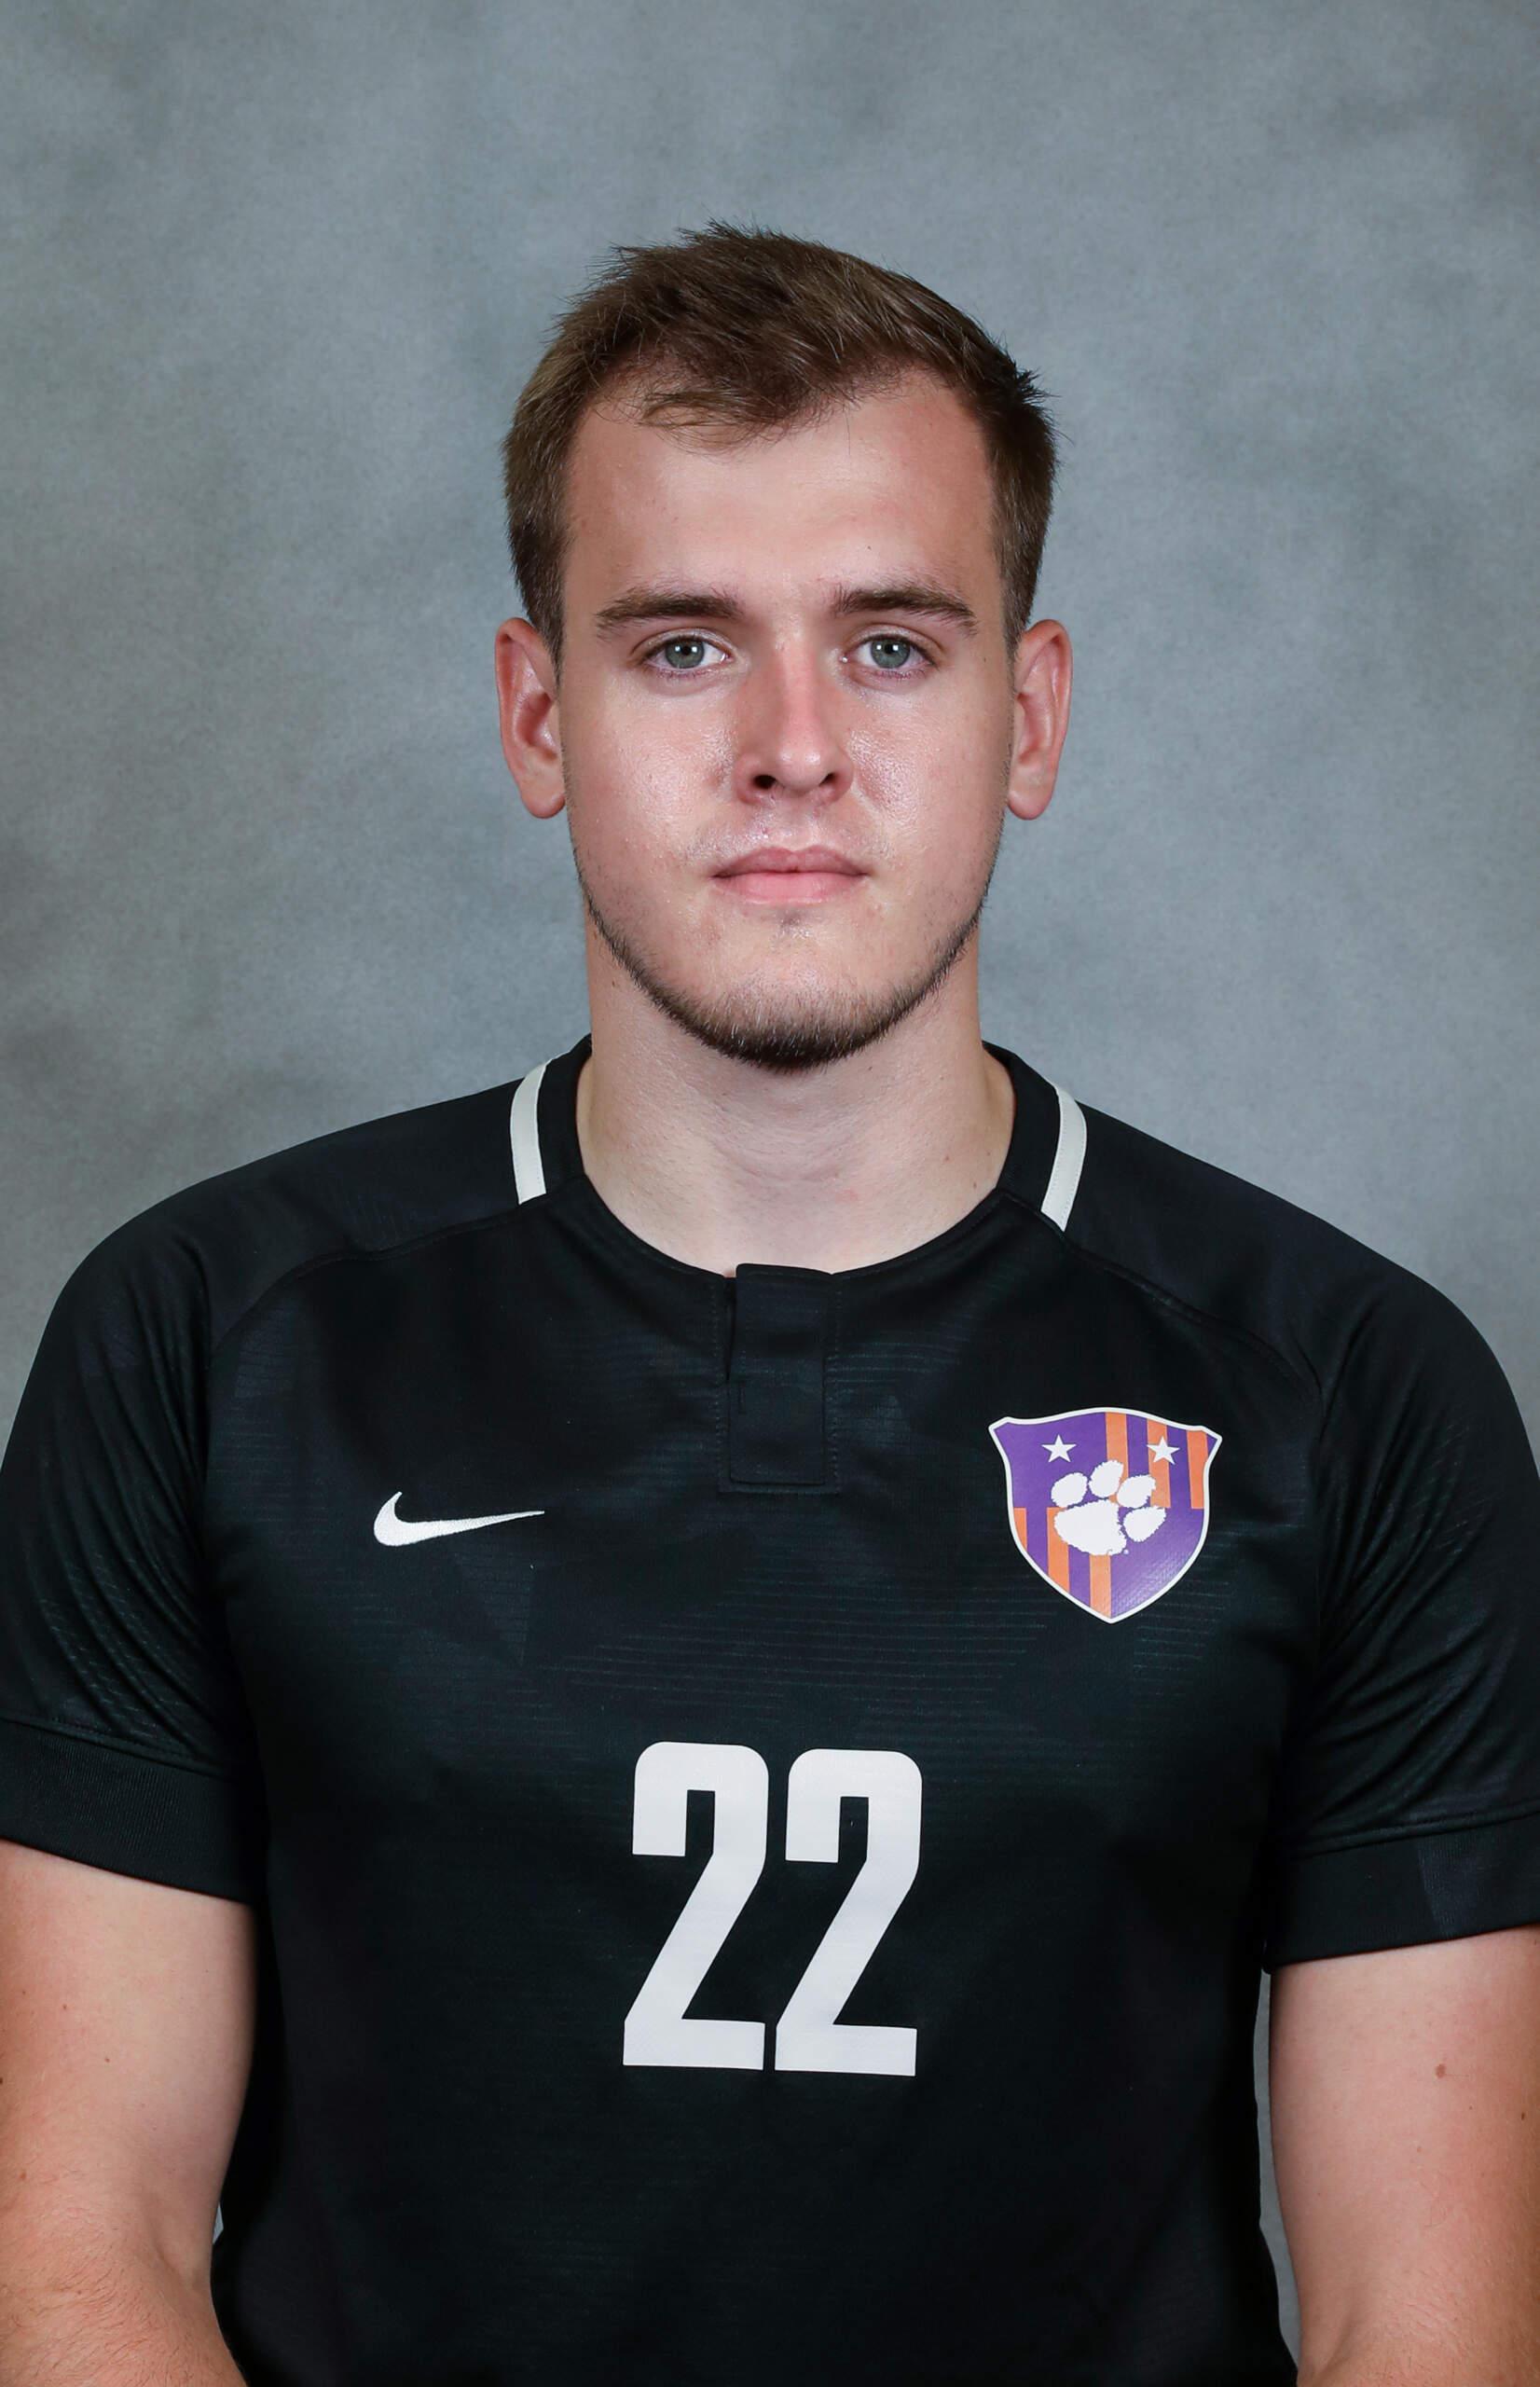 Trevor Manion - Men's Soccer - Clemson University Athletics